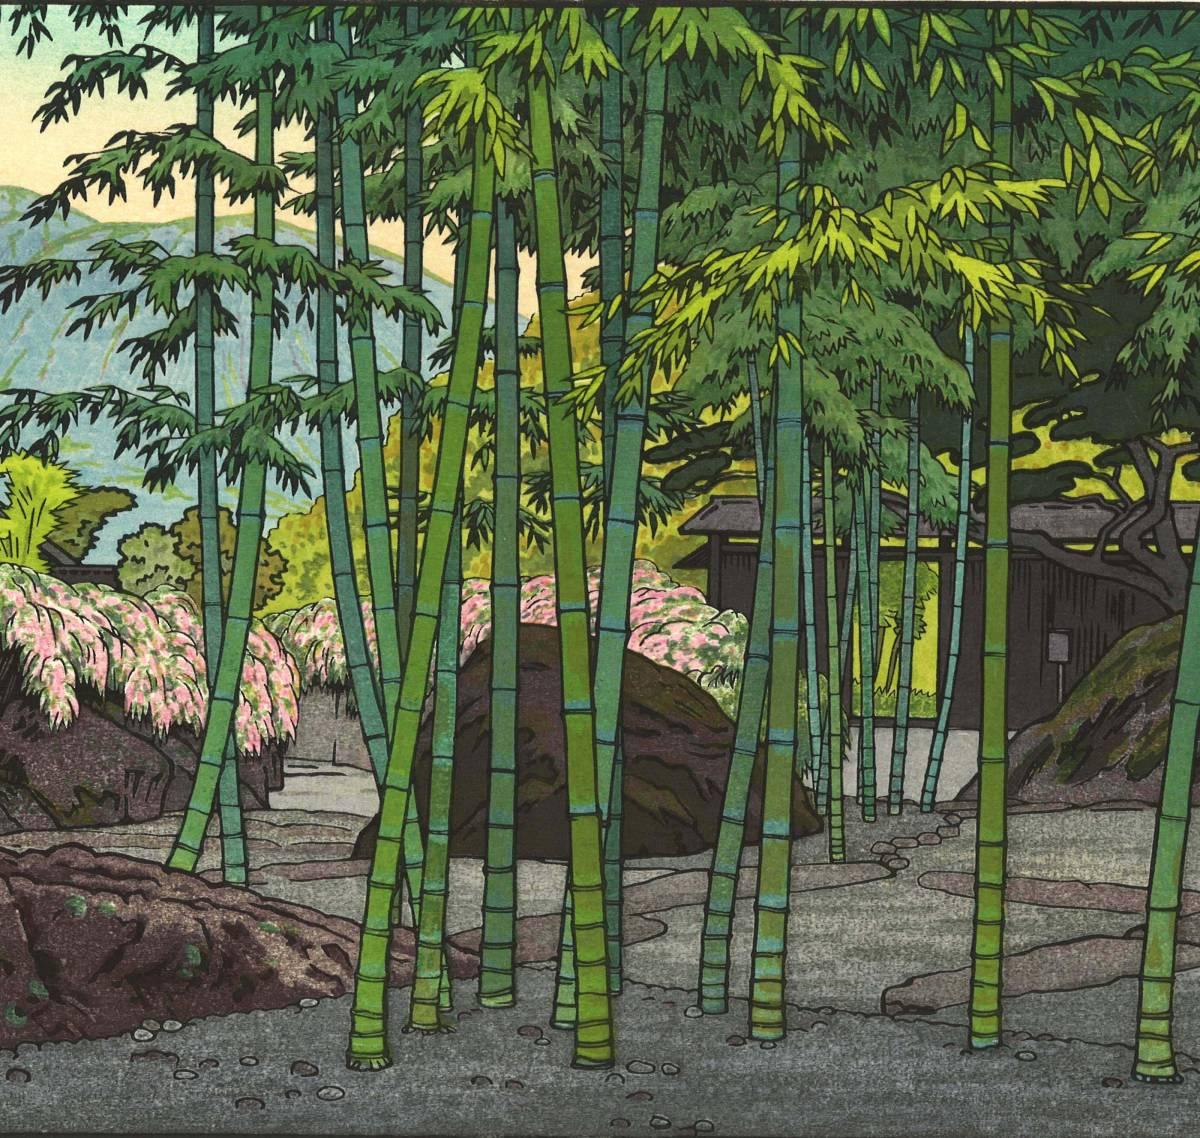 吉田遠志 木版画 015402 箱根神仙郷 竹のお庭 (Bamboo Garden,Hakone Museum) 初摺1954年  最高峰の摺師の技をご堪能下さい!!_画像7